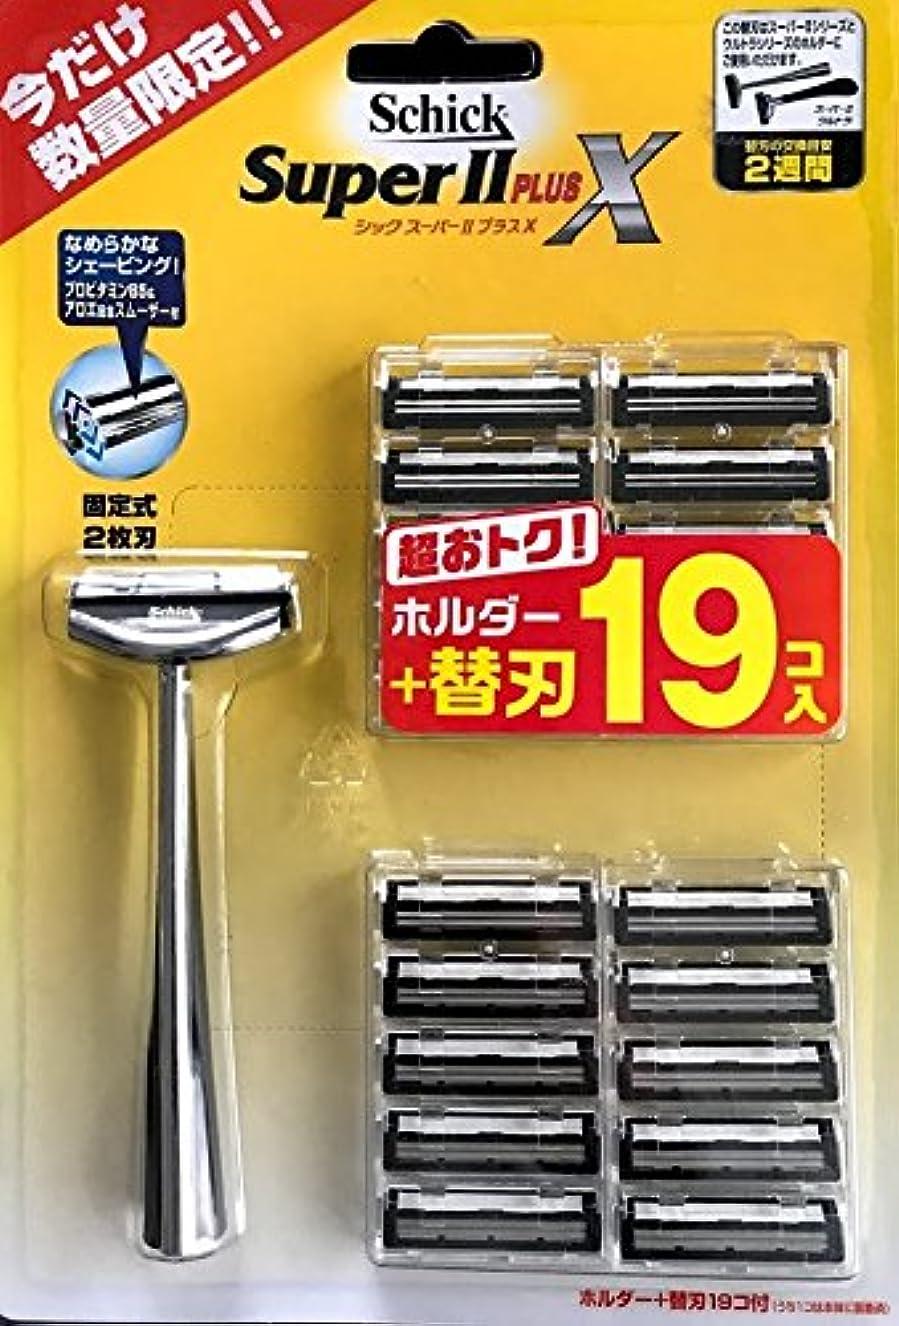 類推順応性のあるレモンschick シック Super II PLUS X スーパIプラスX 本体+替刃19個 セット